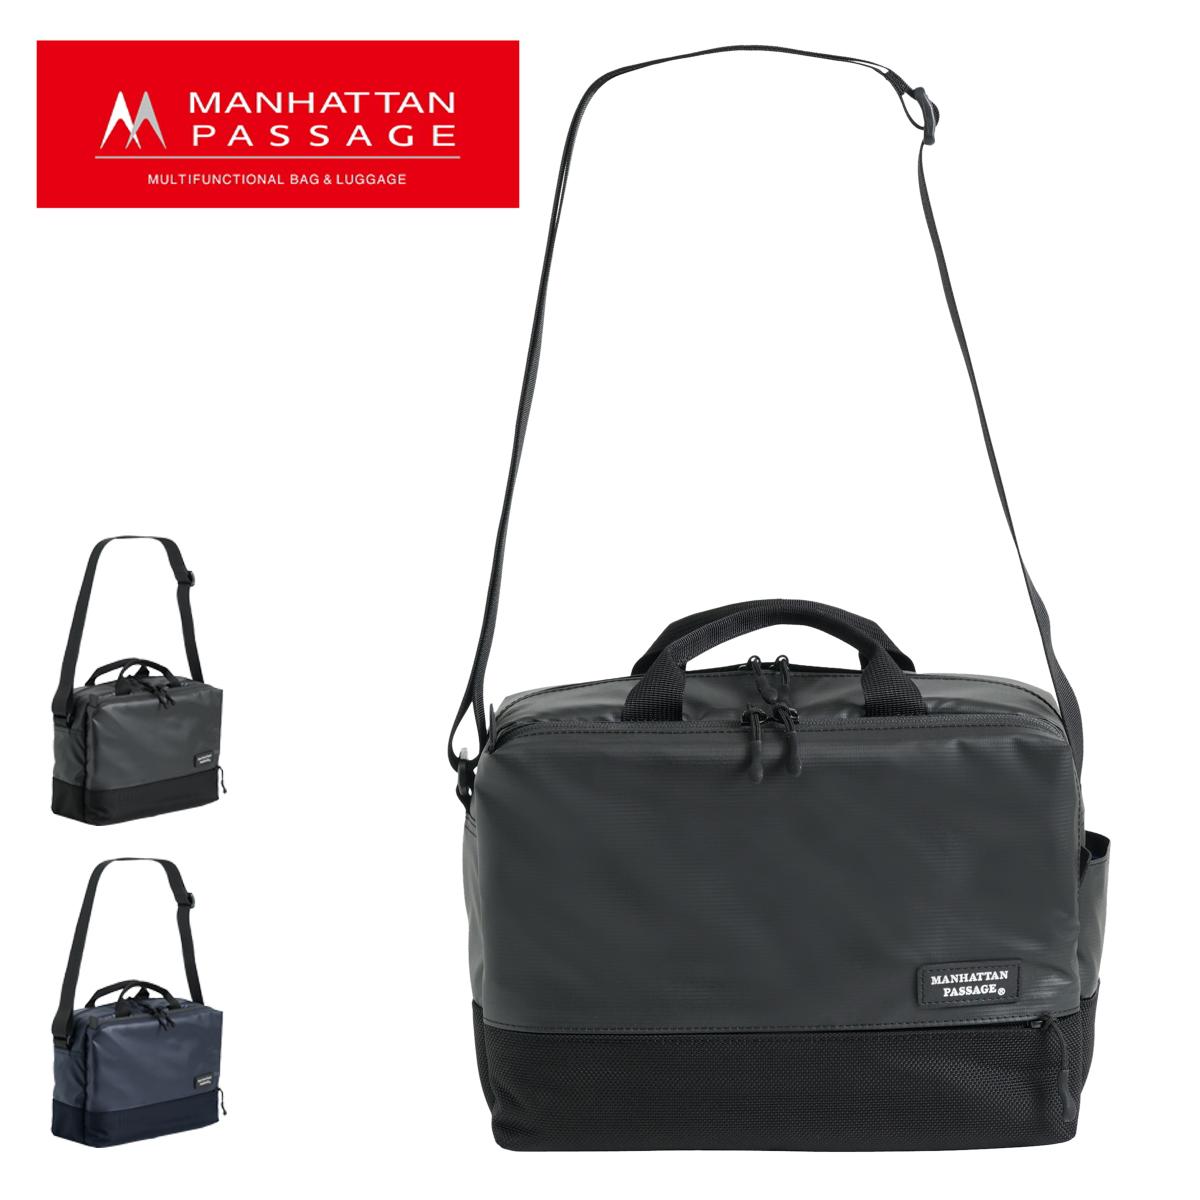 マンハッタンパッセージ ブリーフケース 2WAY Plus メンズ3385 MANHATTAN PASSAGE | ショルダーバッグ ビジネスバッグ B5 高密度ナイロン 撥水 軽量[PO10]